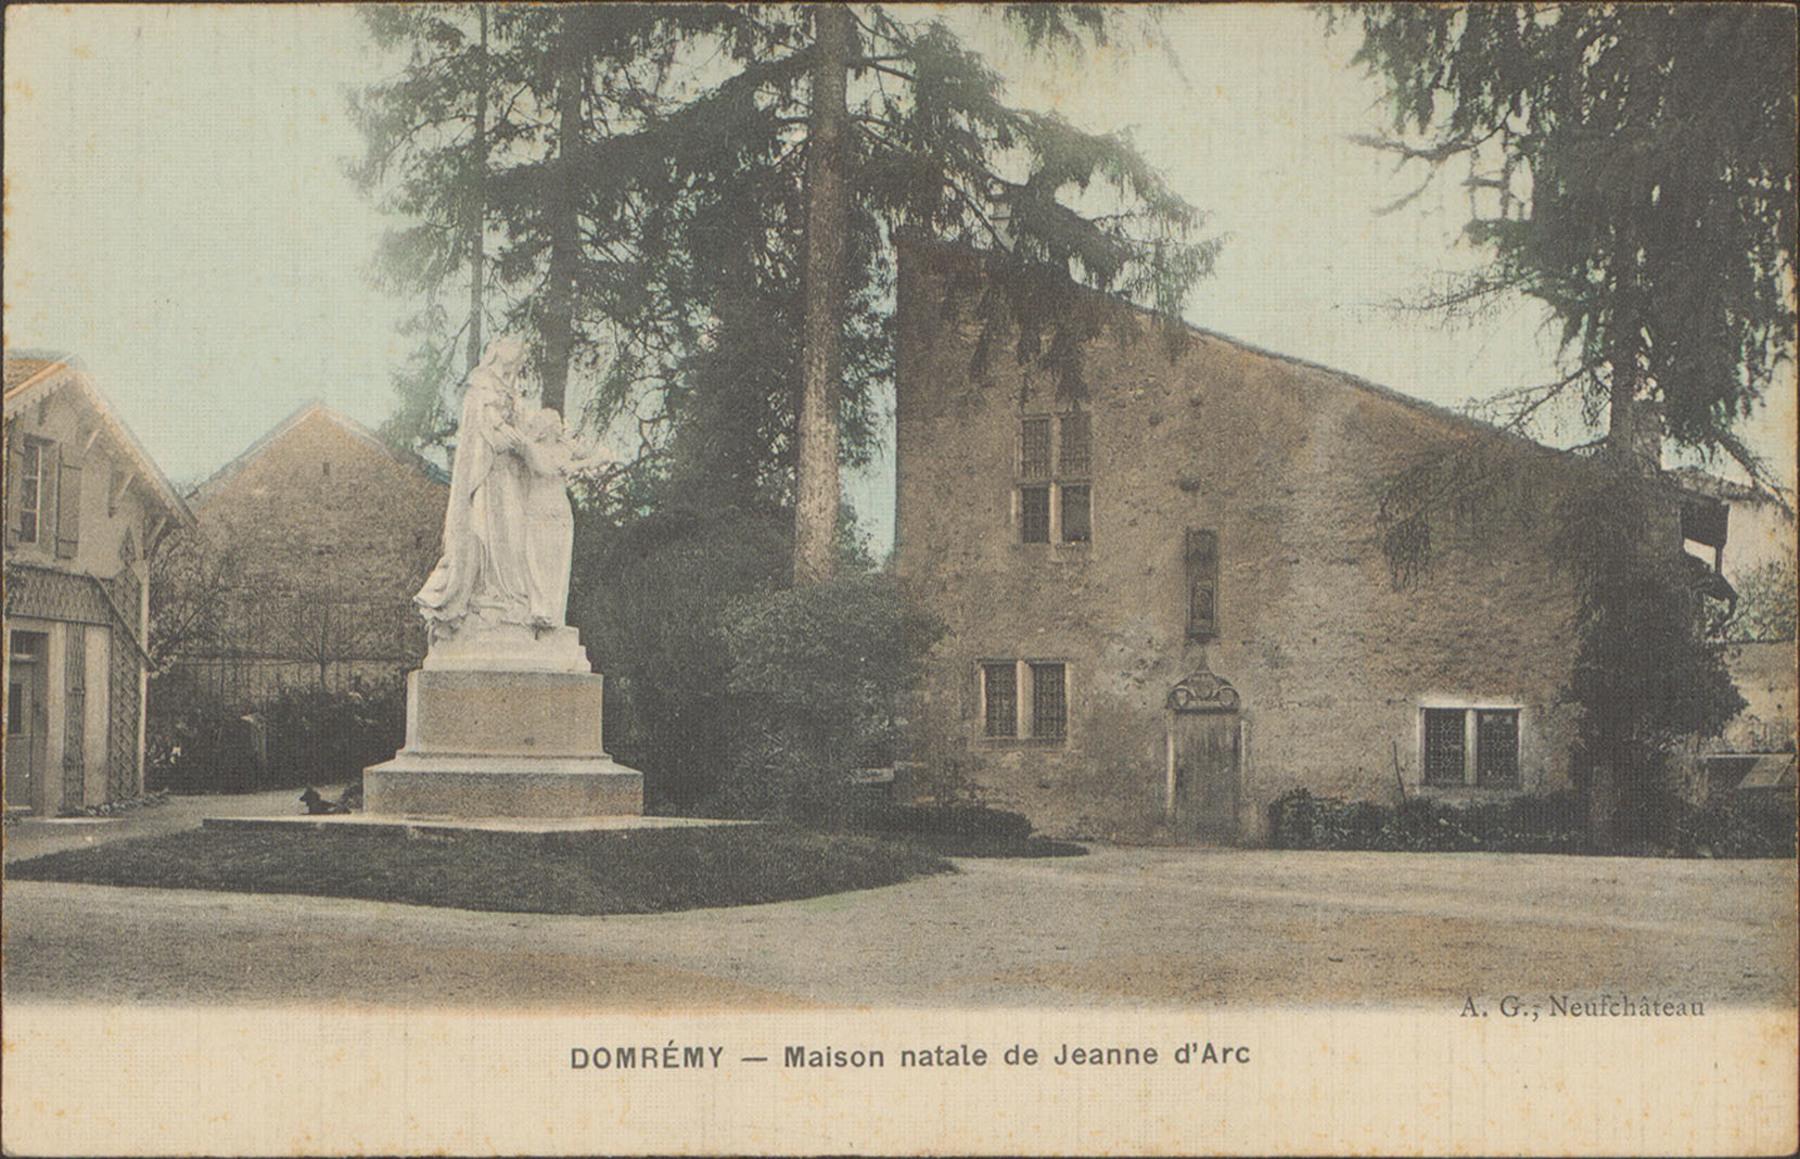 Contenu du Maison natale de Jeanne d'Arc à Domrémy